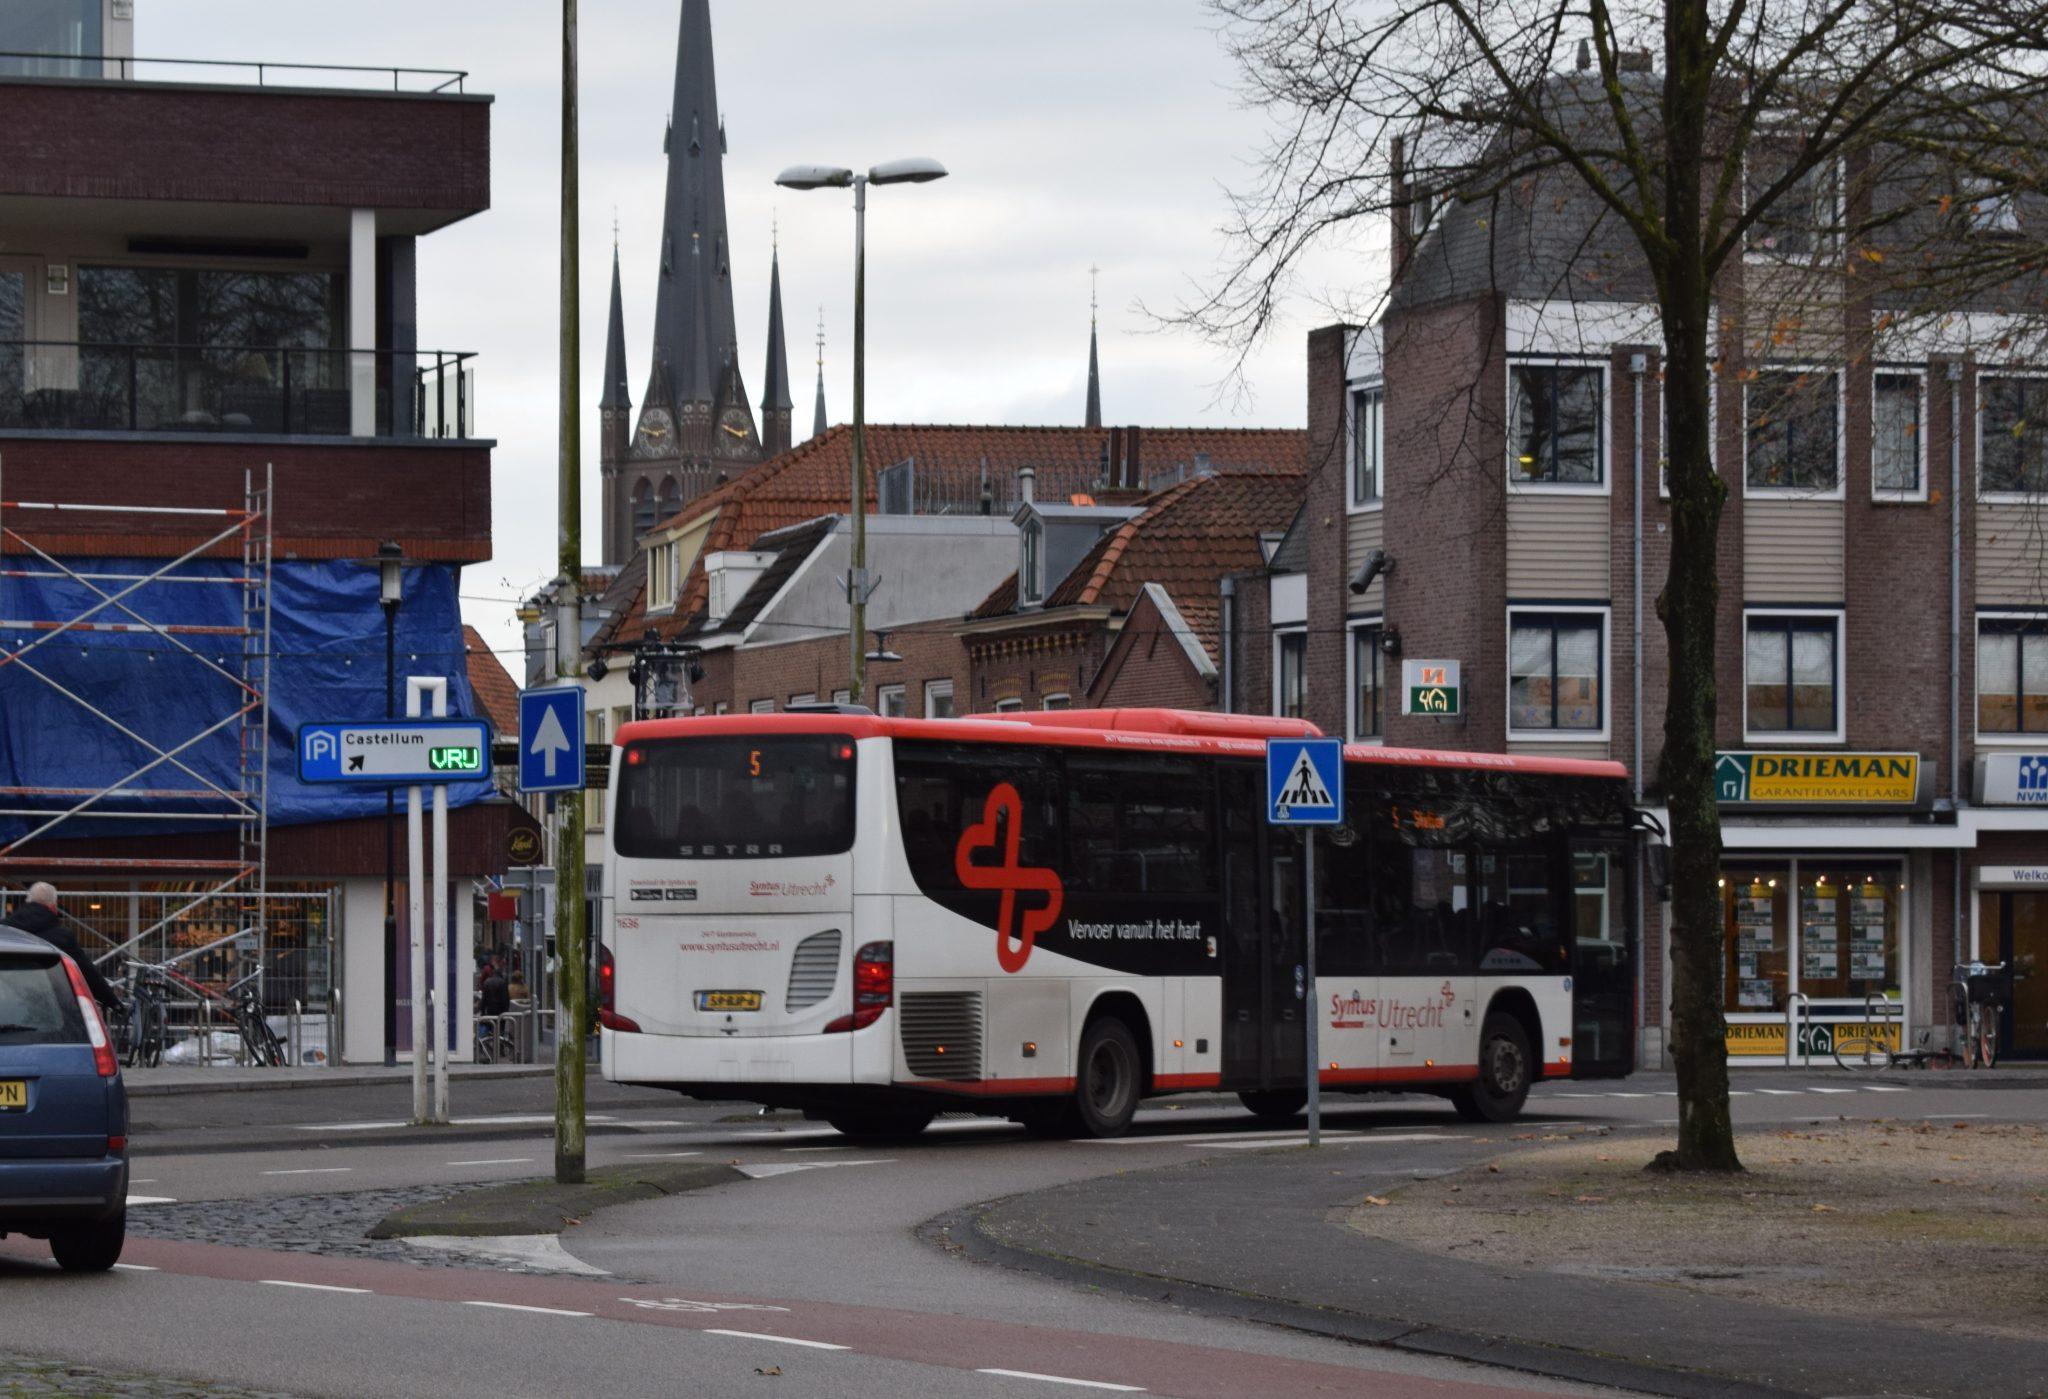 Syntus buslijn 5 Westdam Rijnstraat Meulmansweg dienstregeling hond bus woerden